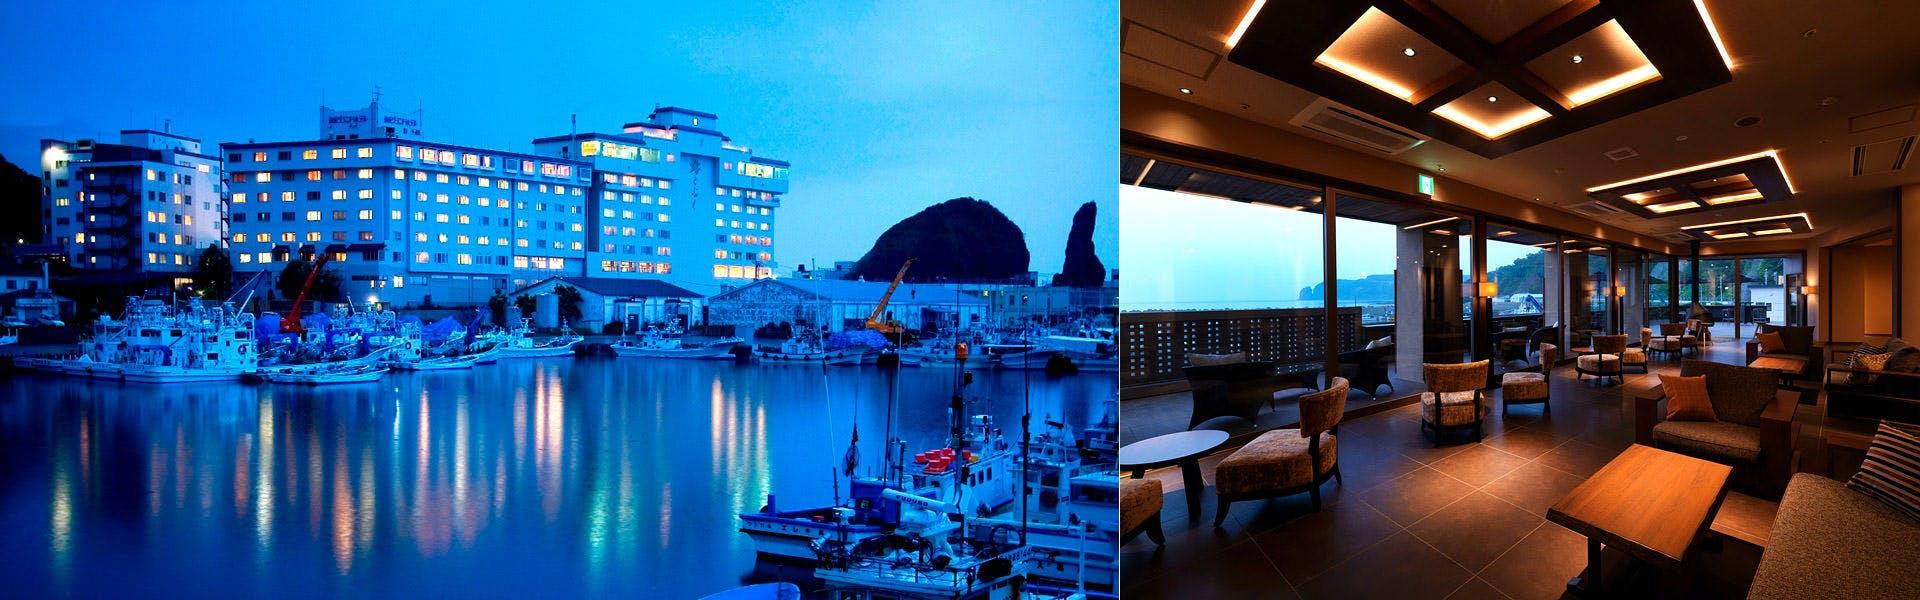 記念日におすすめのホテル・北こぶし知床 ホテル&リゾートの写真1